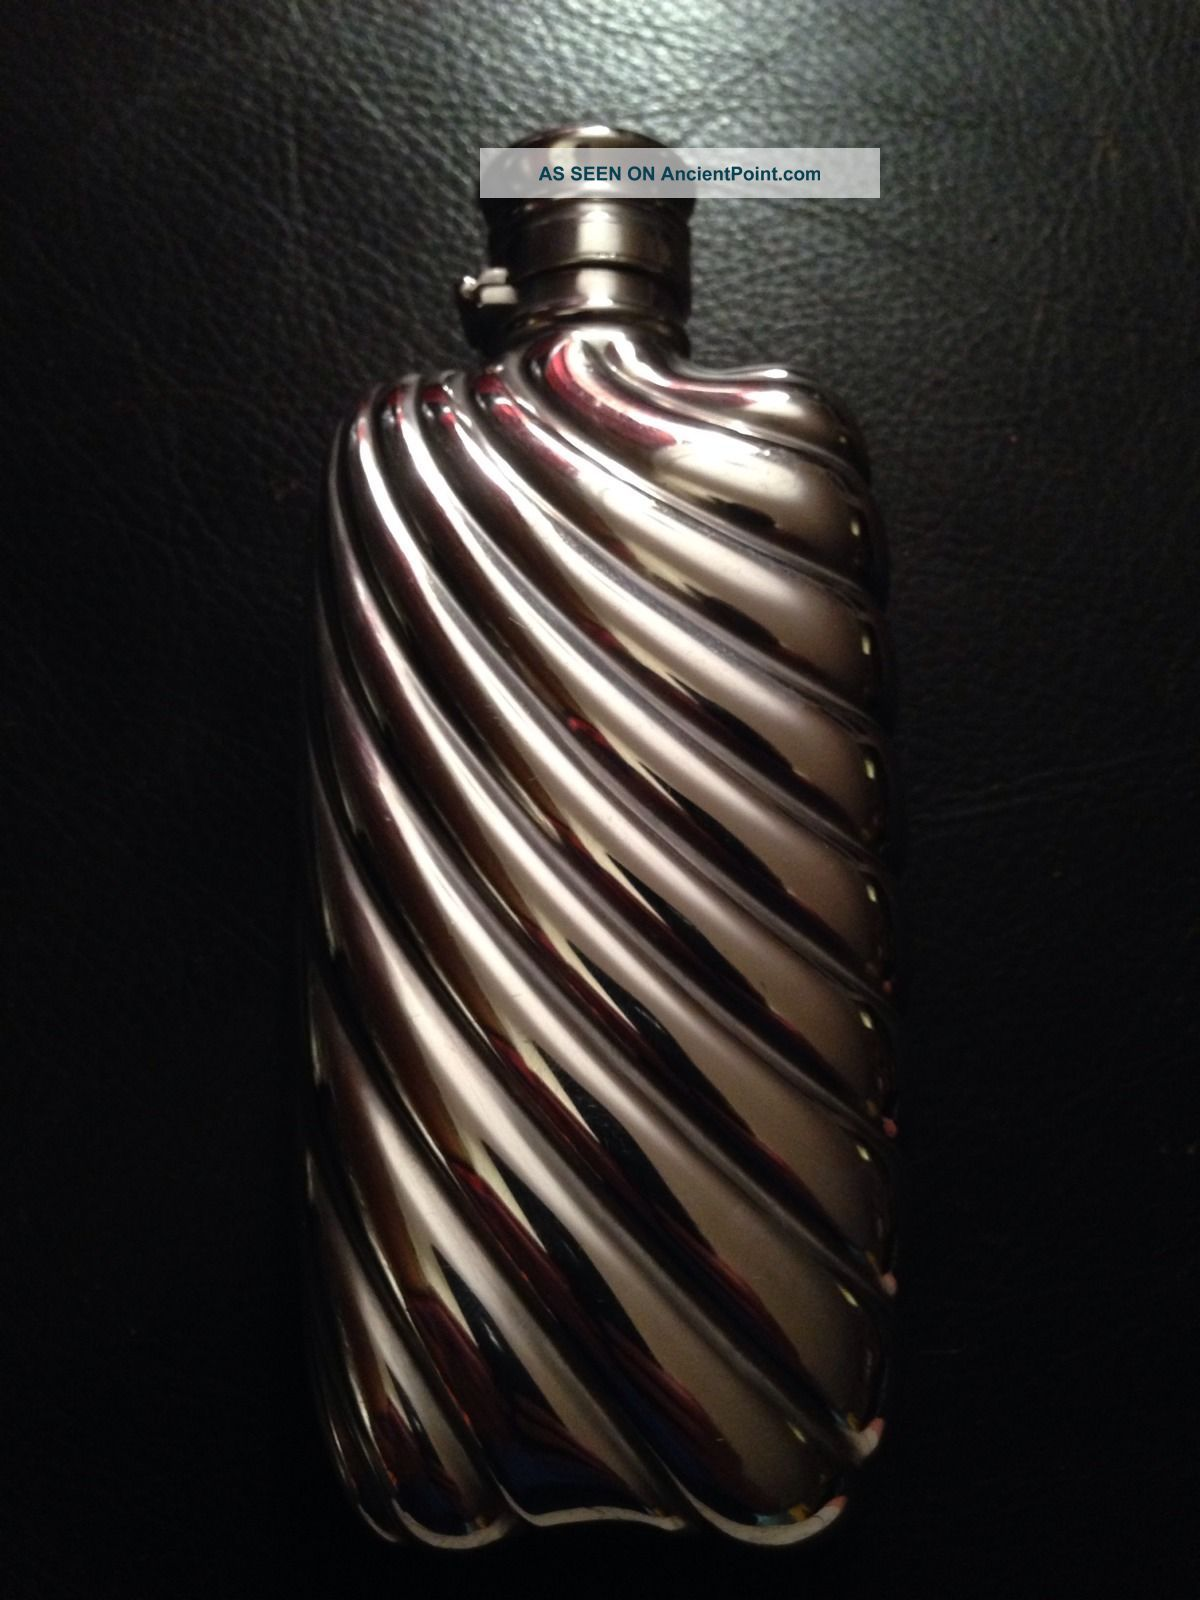 Antique Gorham Art Nouveau Flask Bottles, Decanters & Flasks photo